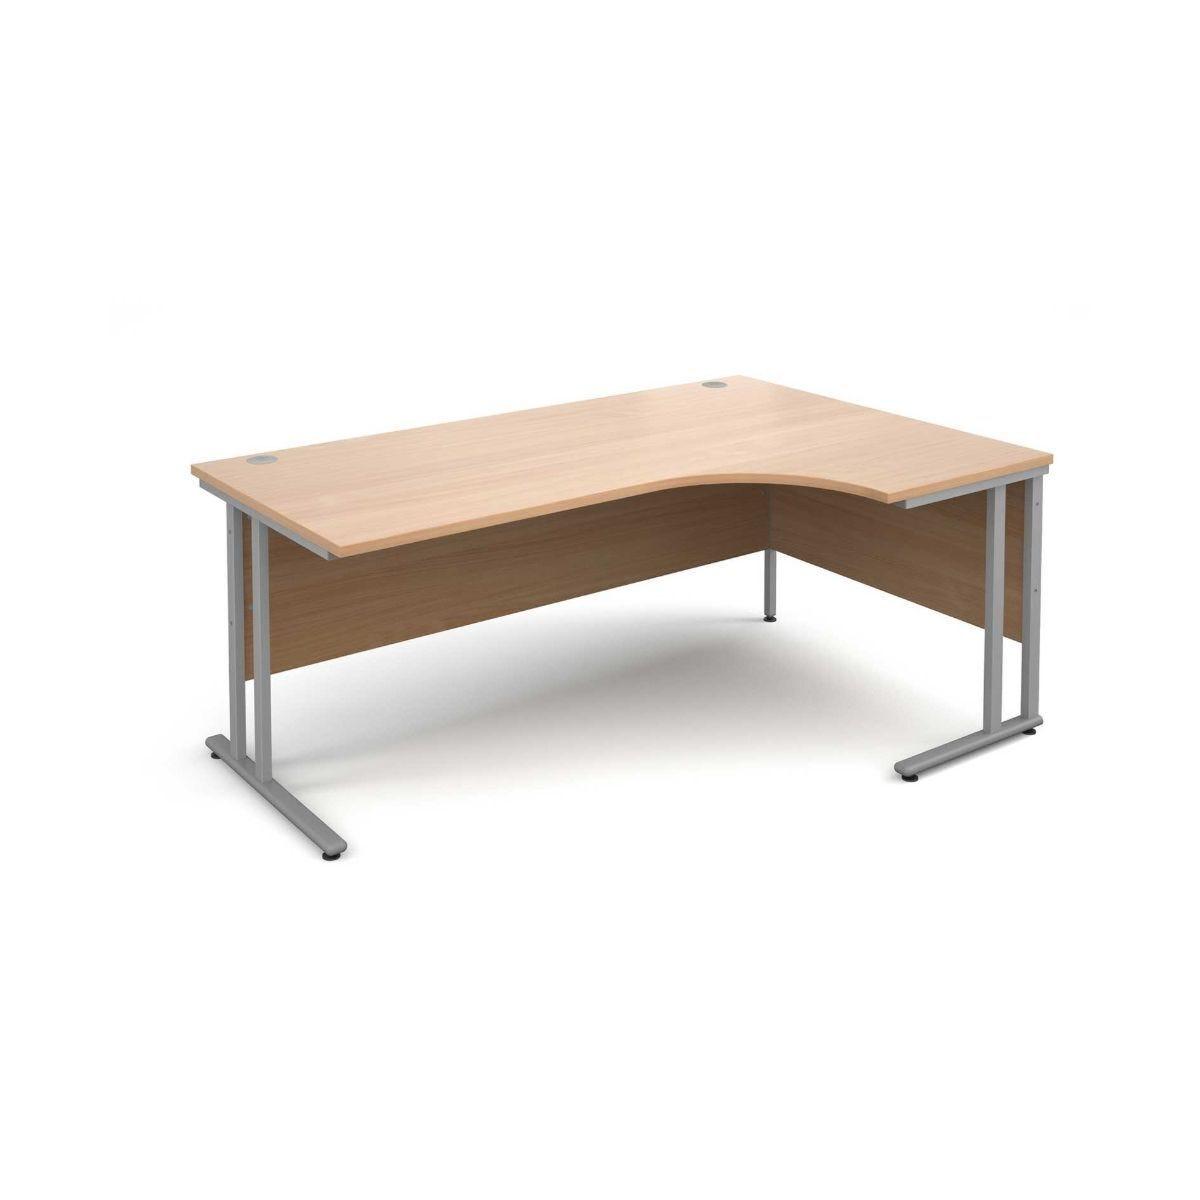 Maestro 25 Right Hand Ergonomic 1800 Desk with Silver Legs